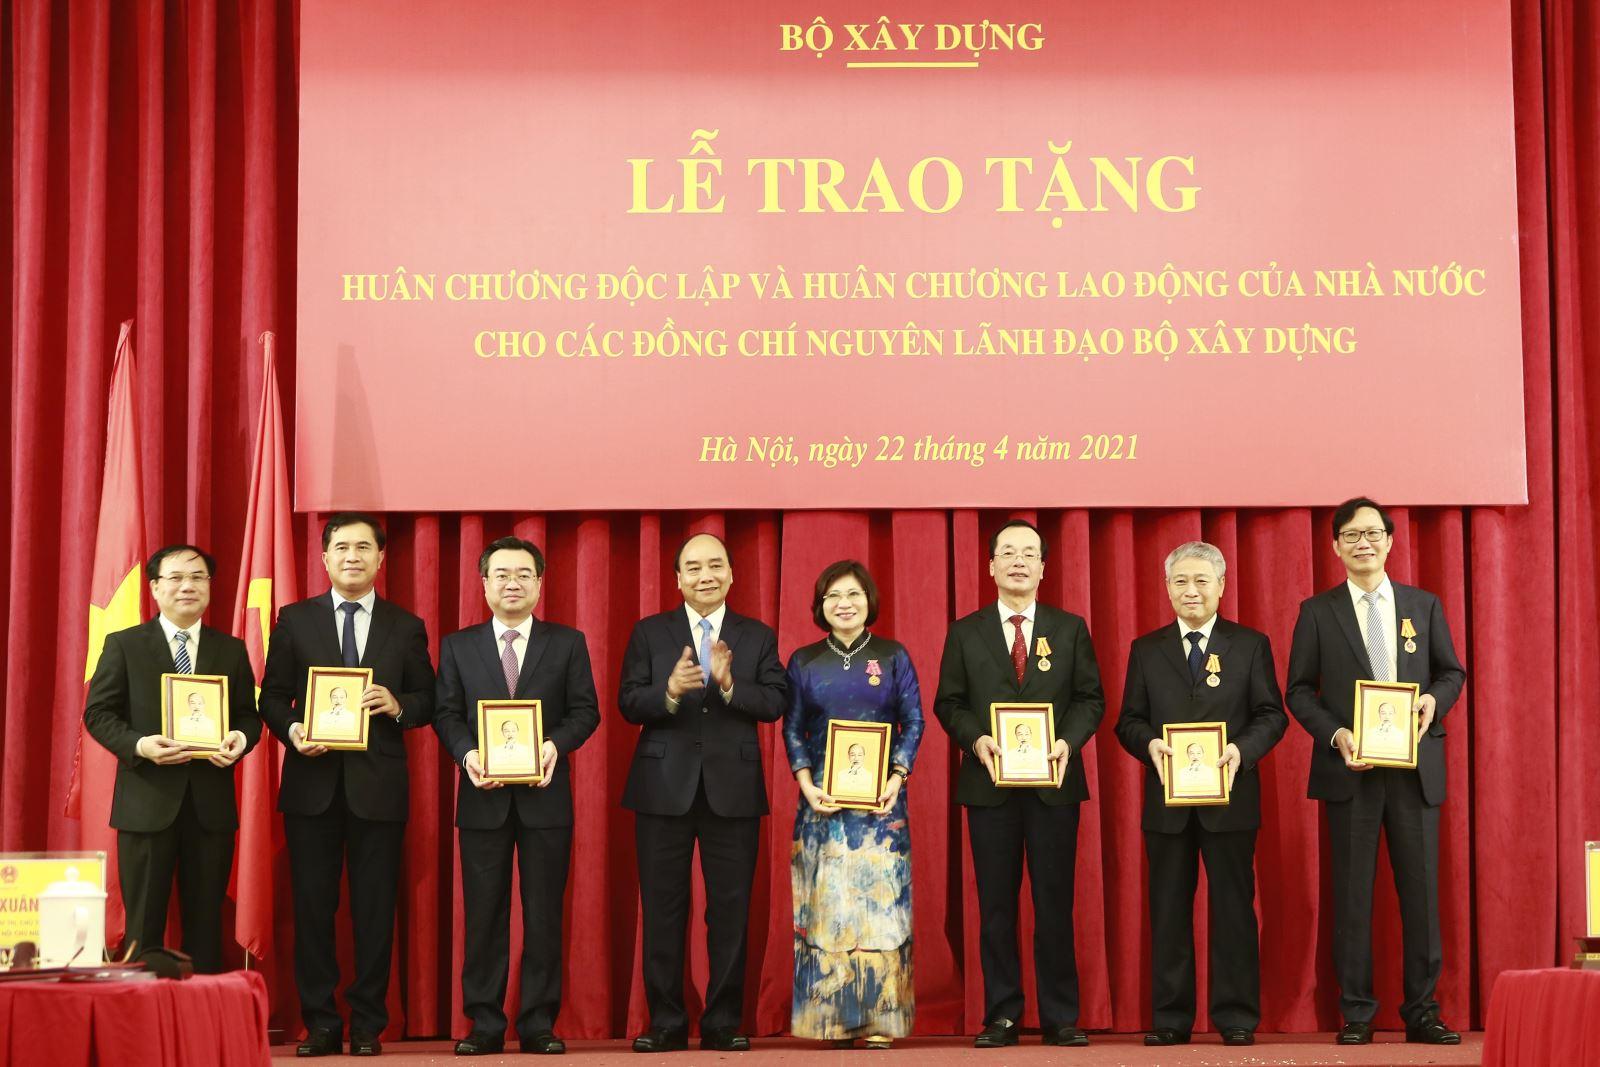 Chủ tịch nước Nguyễn Xuân Phúc trao tặng Huân chương Độc lập và Huân chương Lao động cho các đồng chí nguyên lãnh đạo Bộ Xây dựng